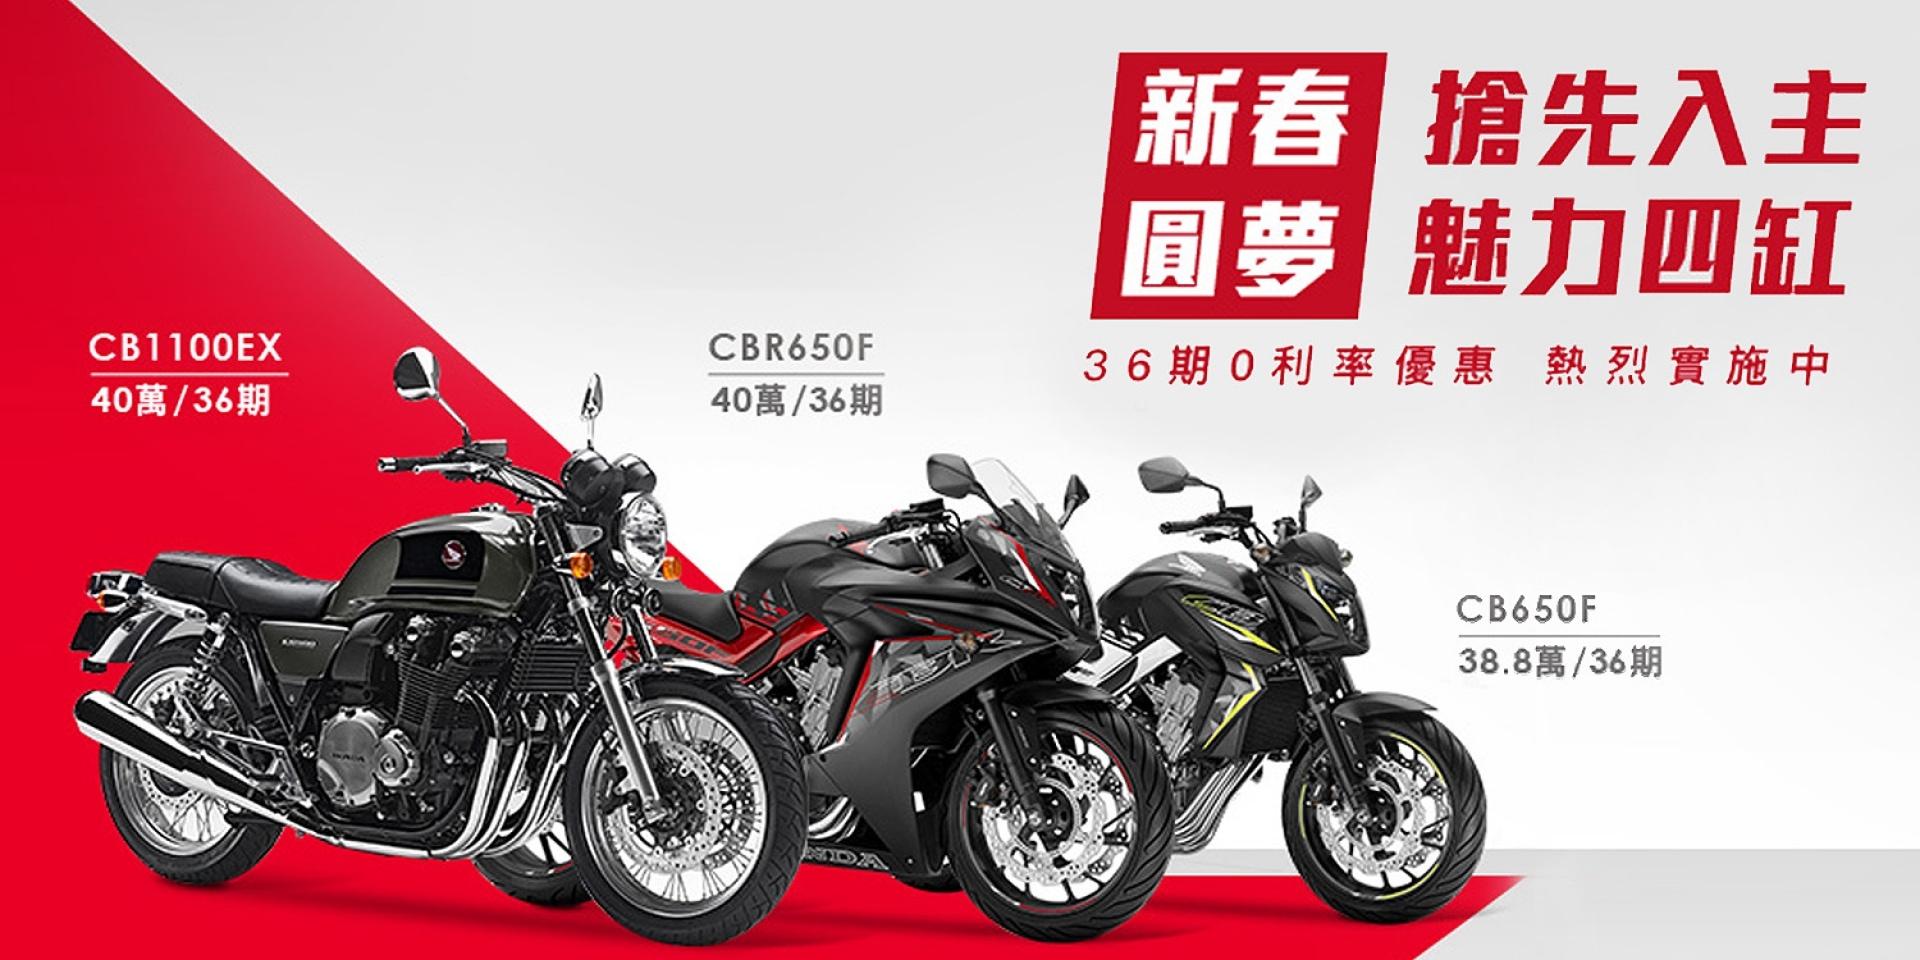 官方新聞。Honda CB650F、CBR650F、CB1100EX 魅力四缸  36期零利率,本月限量實施中